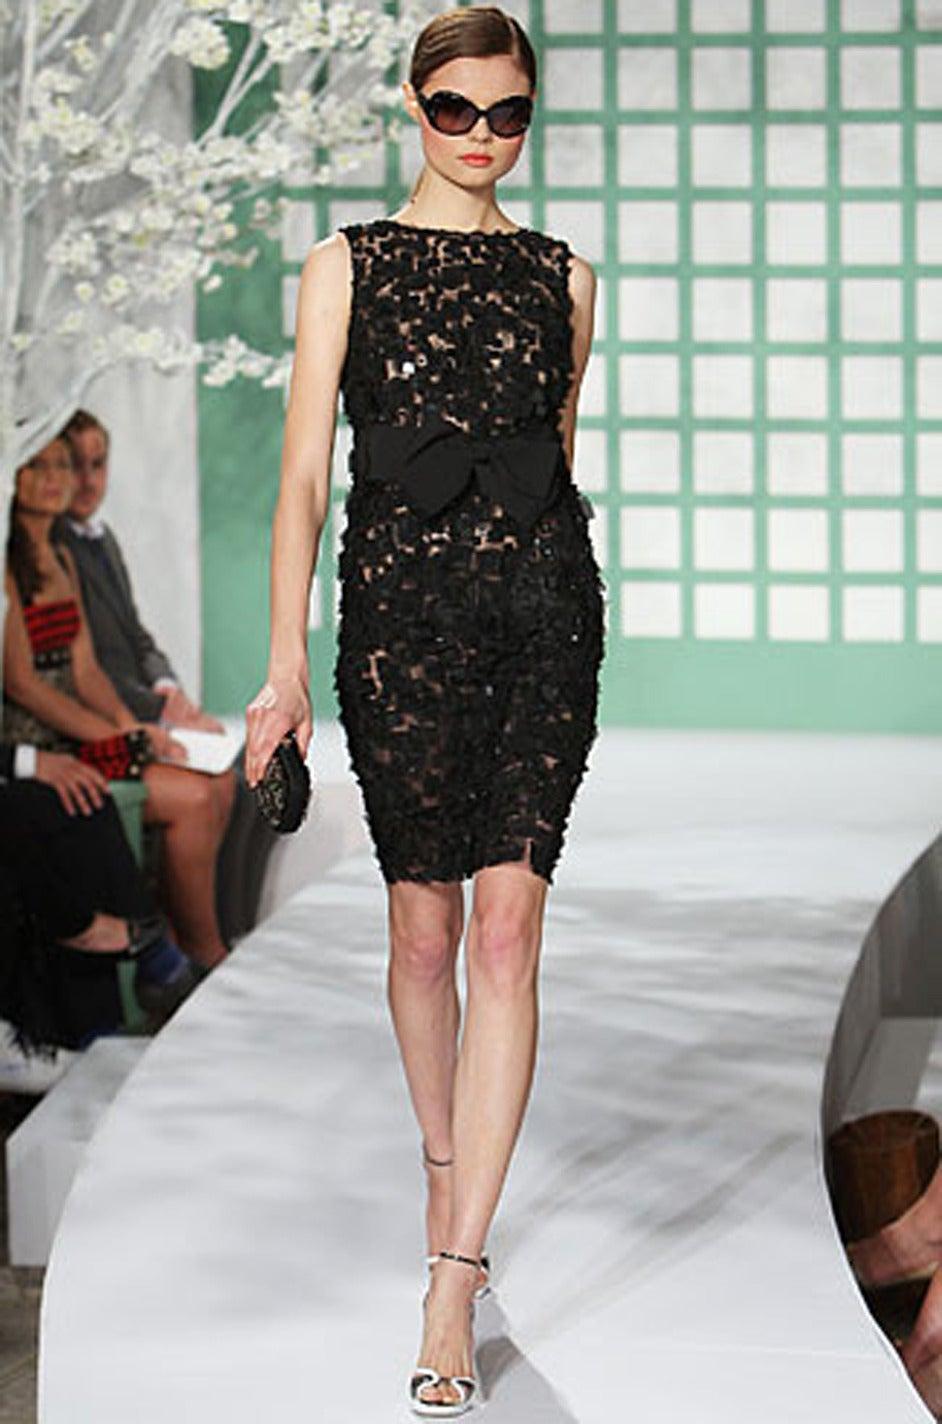 2009 Resort Lace Watteau Oscar De La Renta Dress For Sale 3